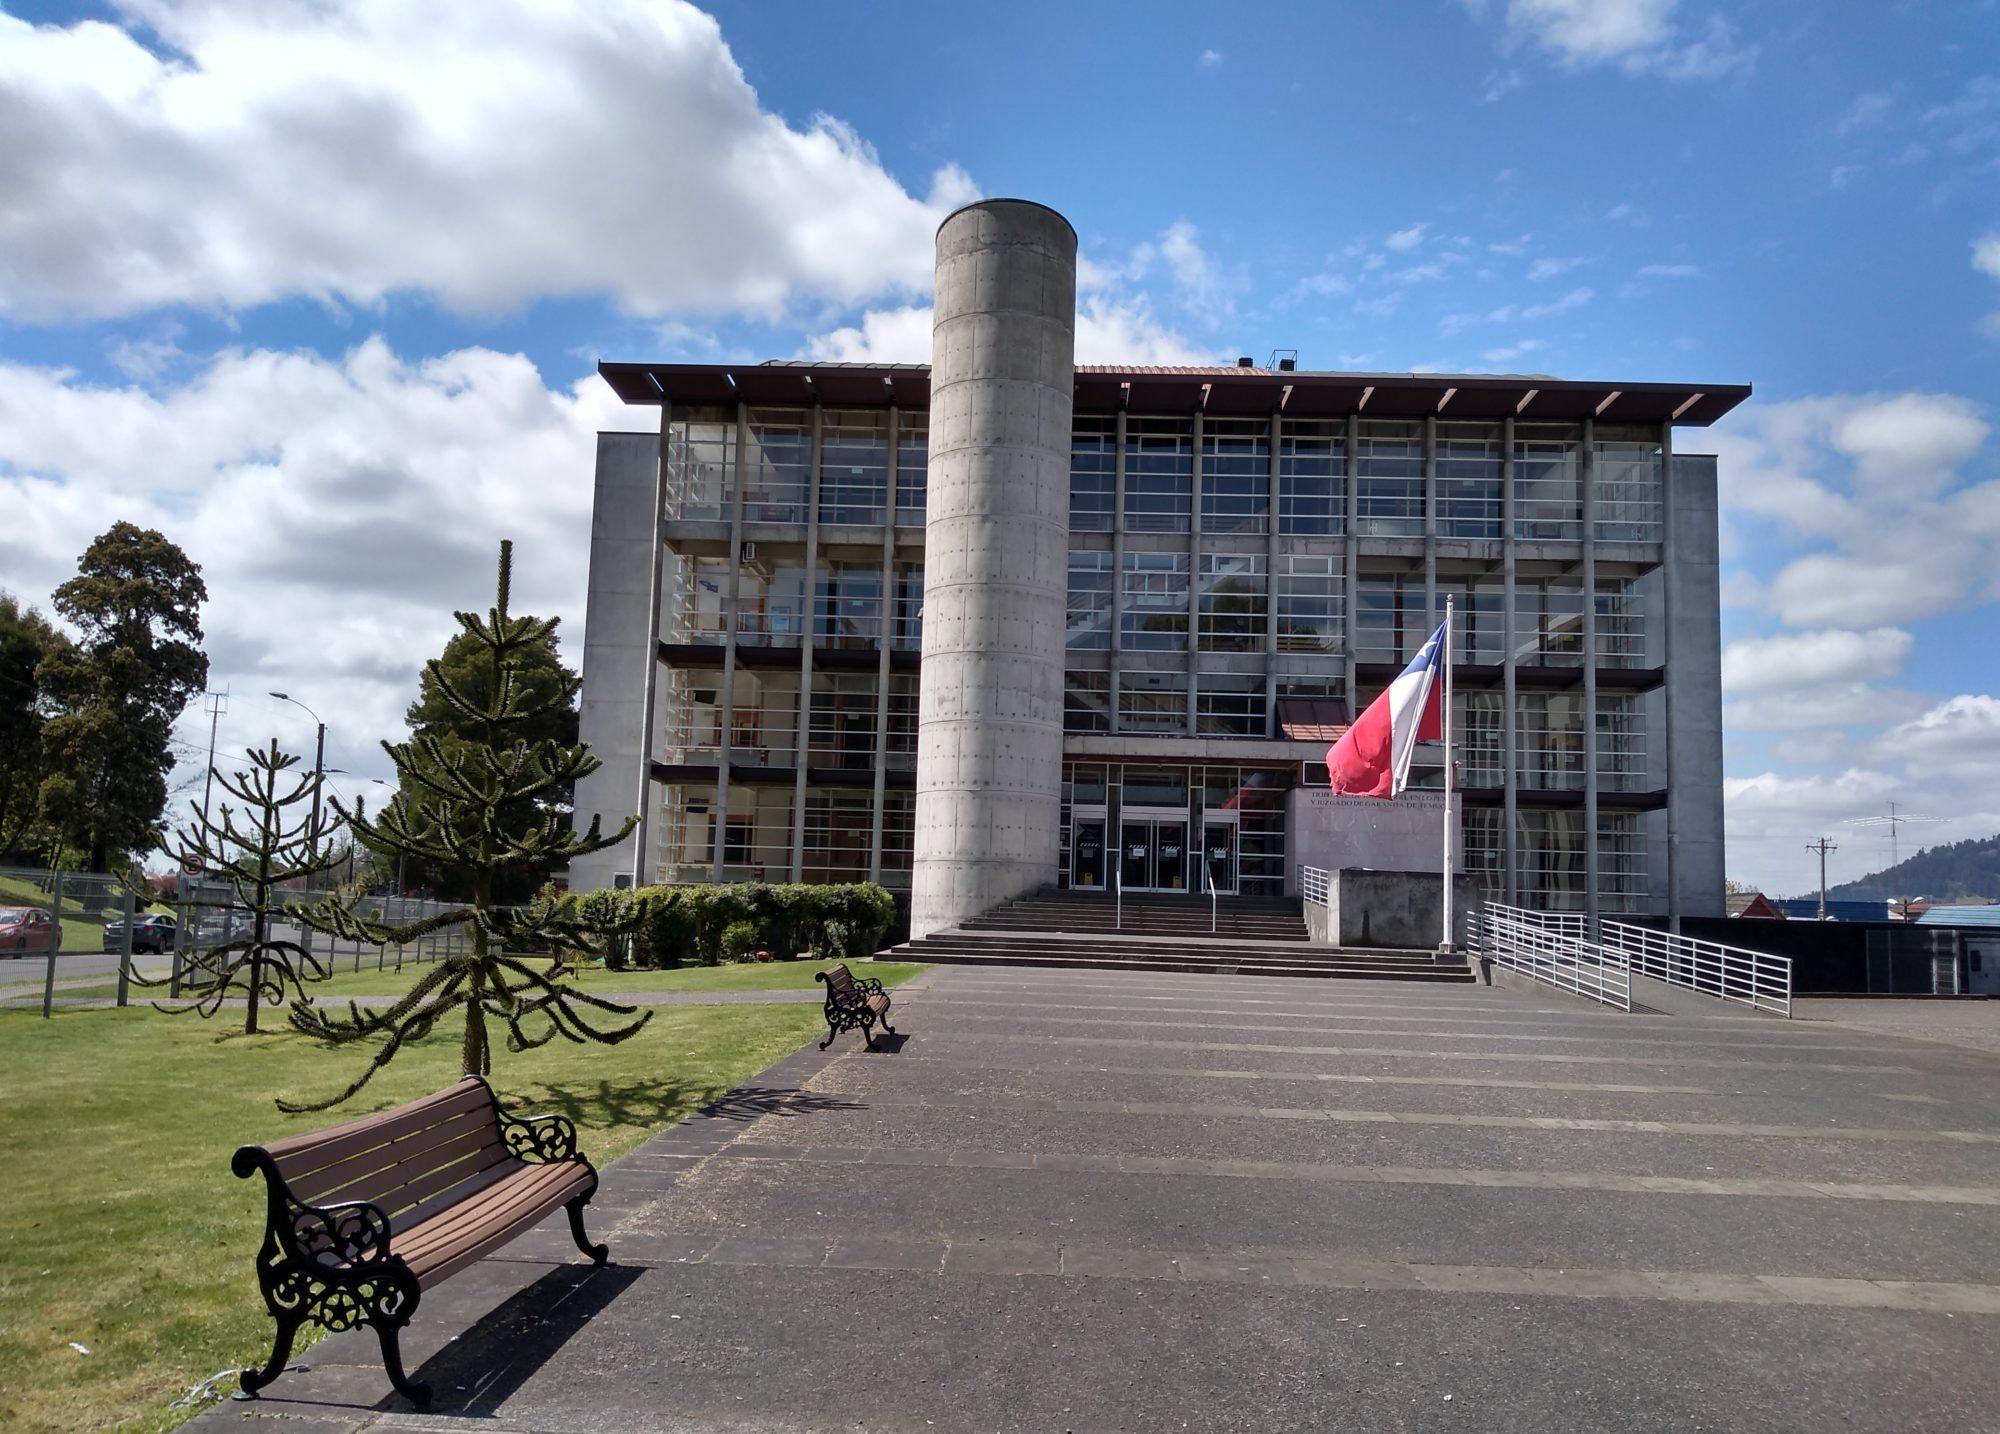 Justicias reformadas y acceso a la justicia en Chile